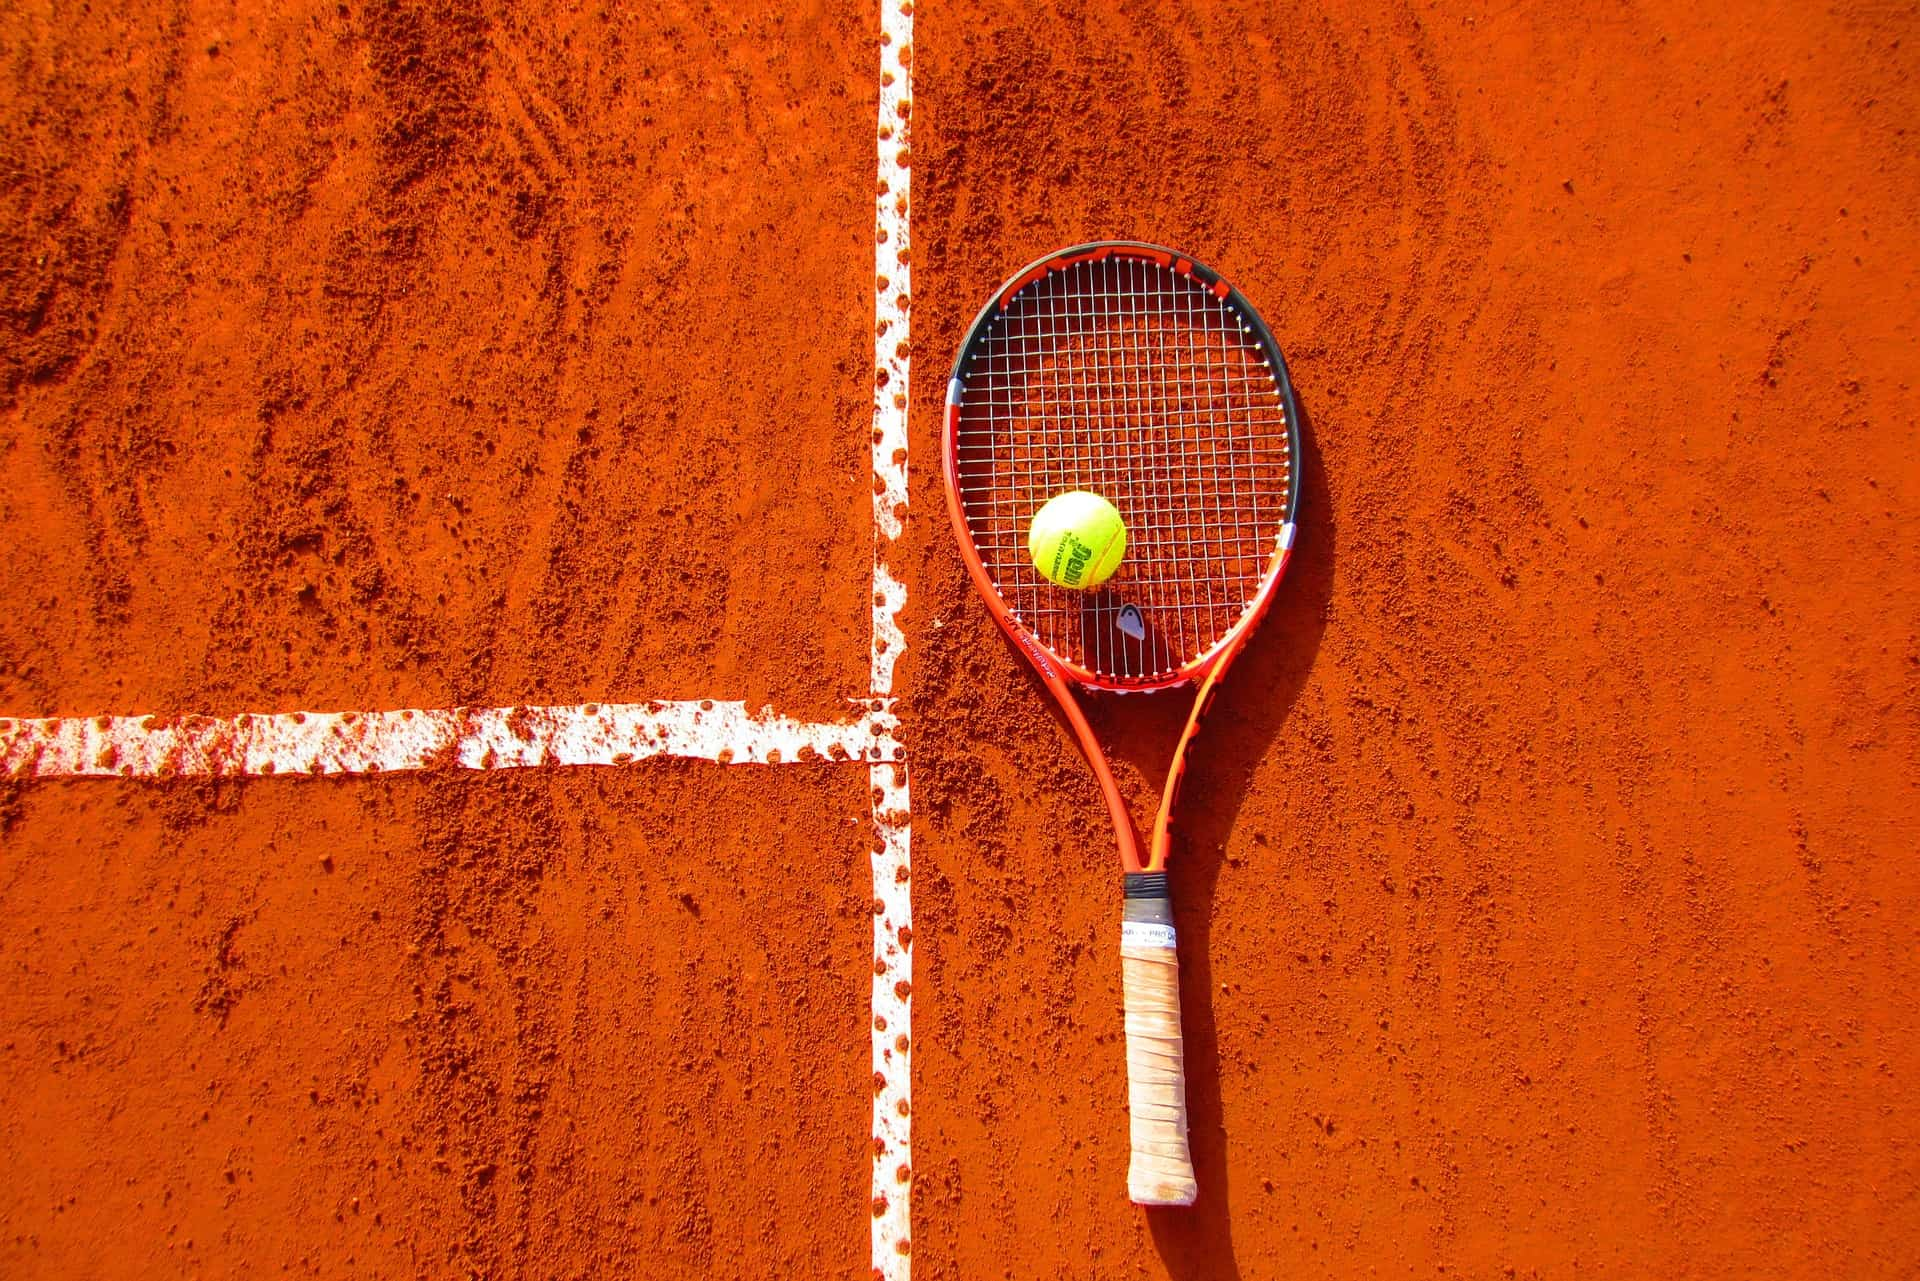 15e1eb9a4 Raquete de tênis: Quais são as melhores em 2019? | REVIEWBOX